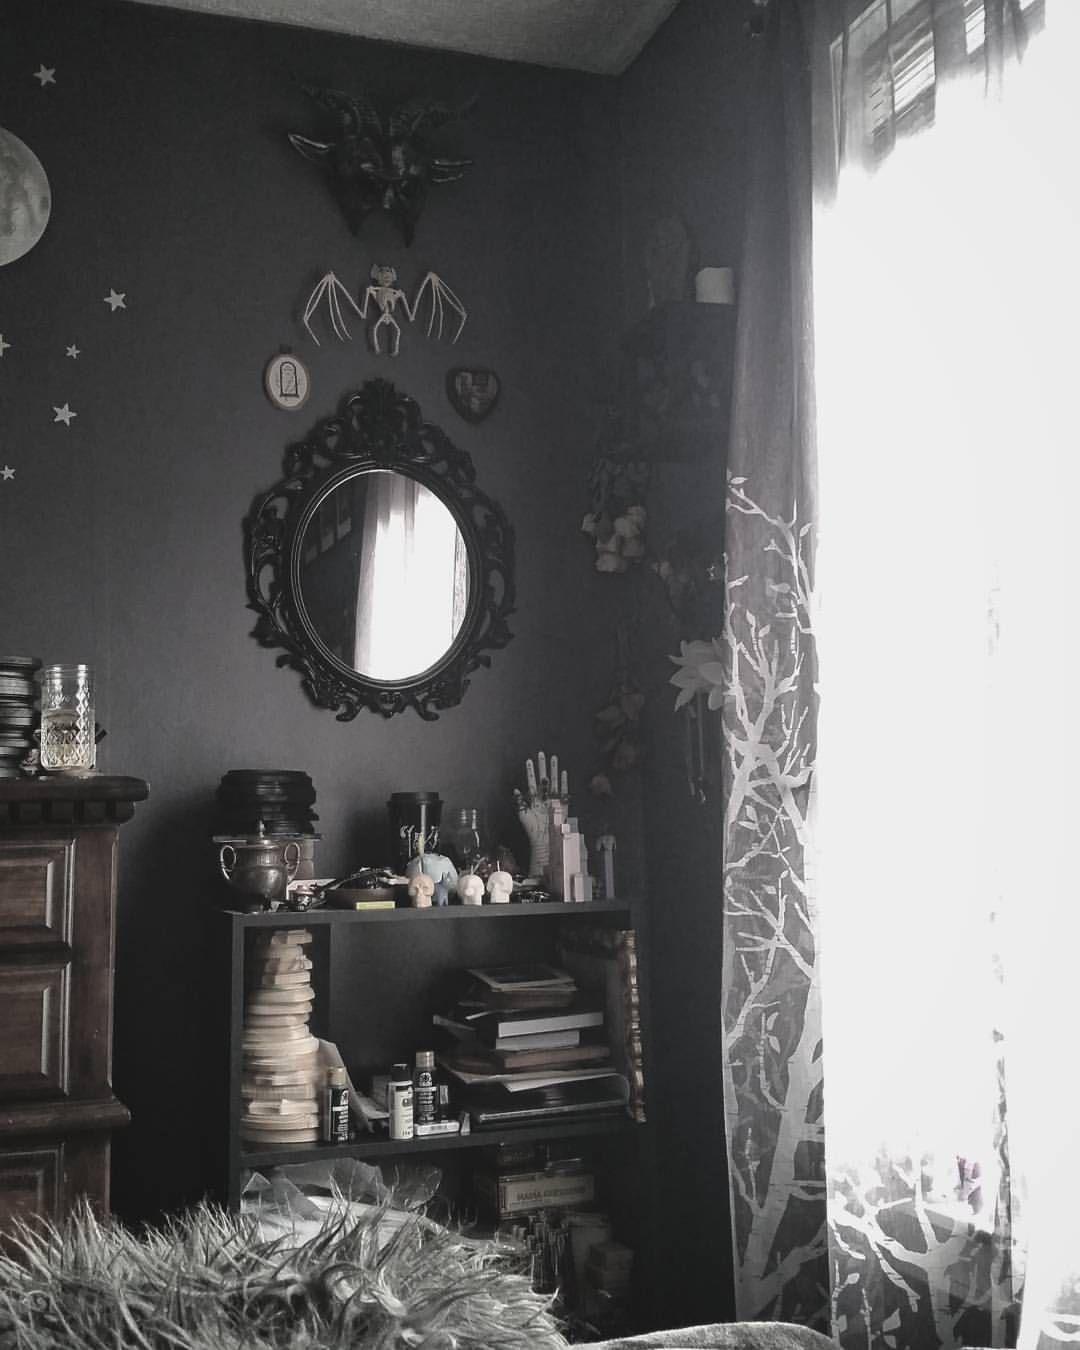 Spooky Home Decor Gothic Black Decor Gothic Home Decor Gothic